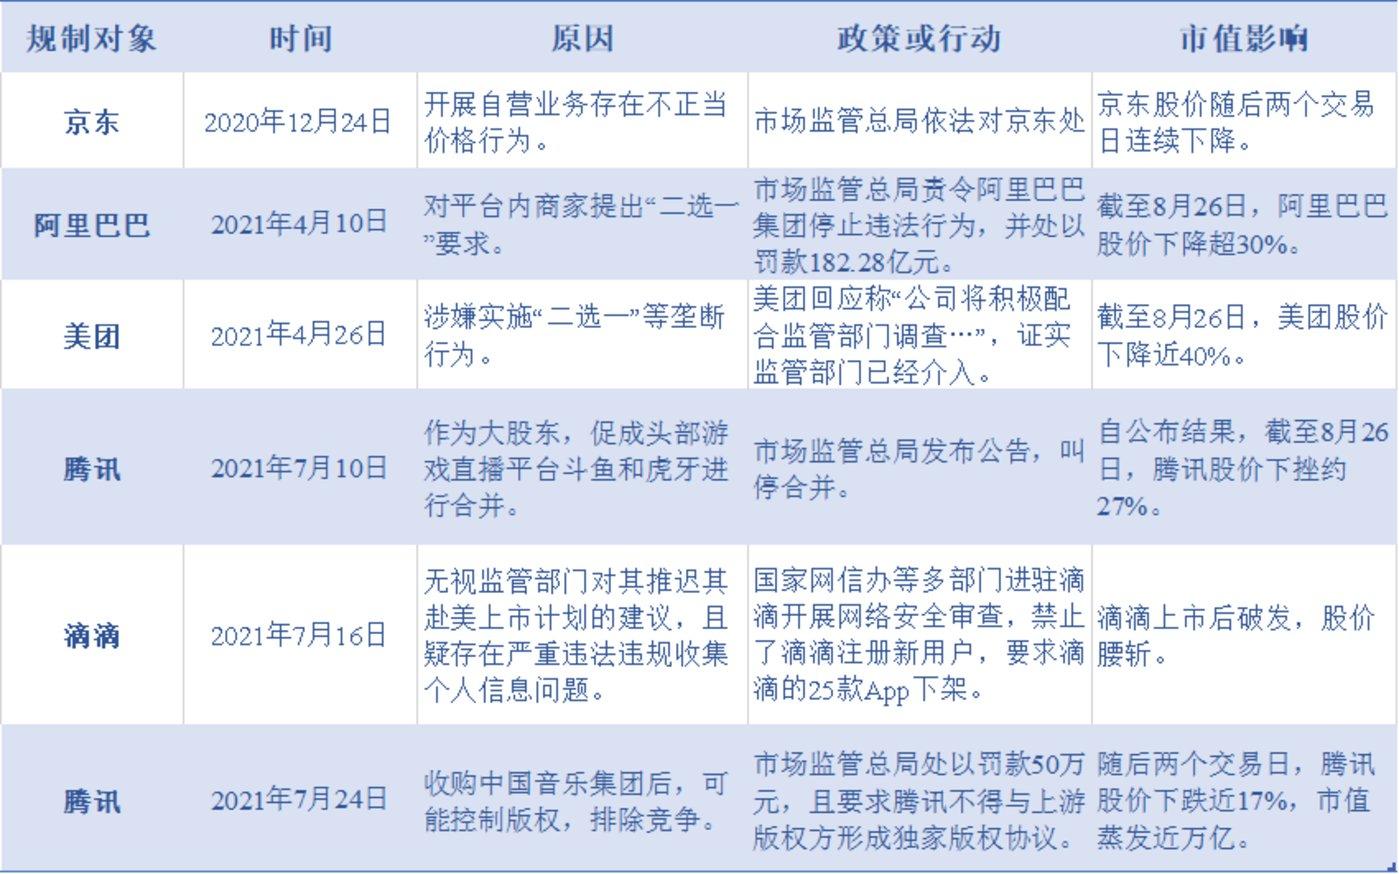 资料来源:国家市场监督管理总局官网,穆胜企业管理咨询事务所